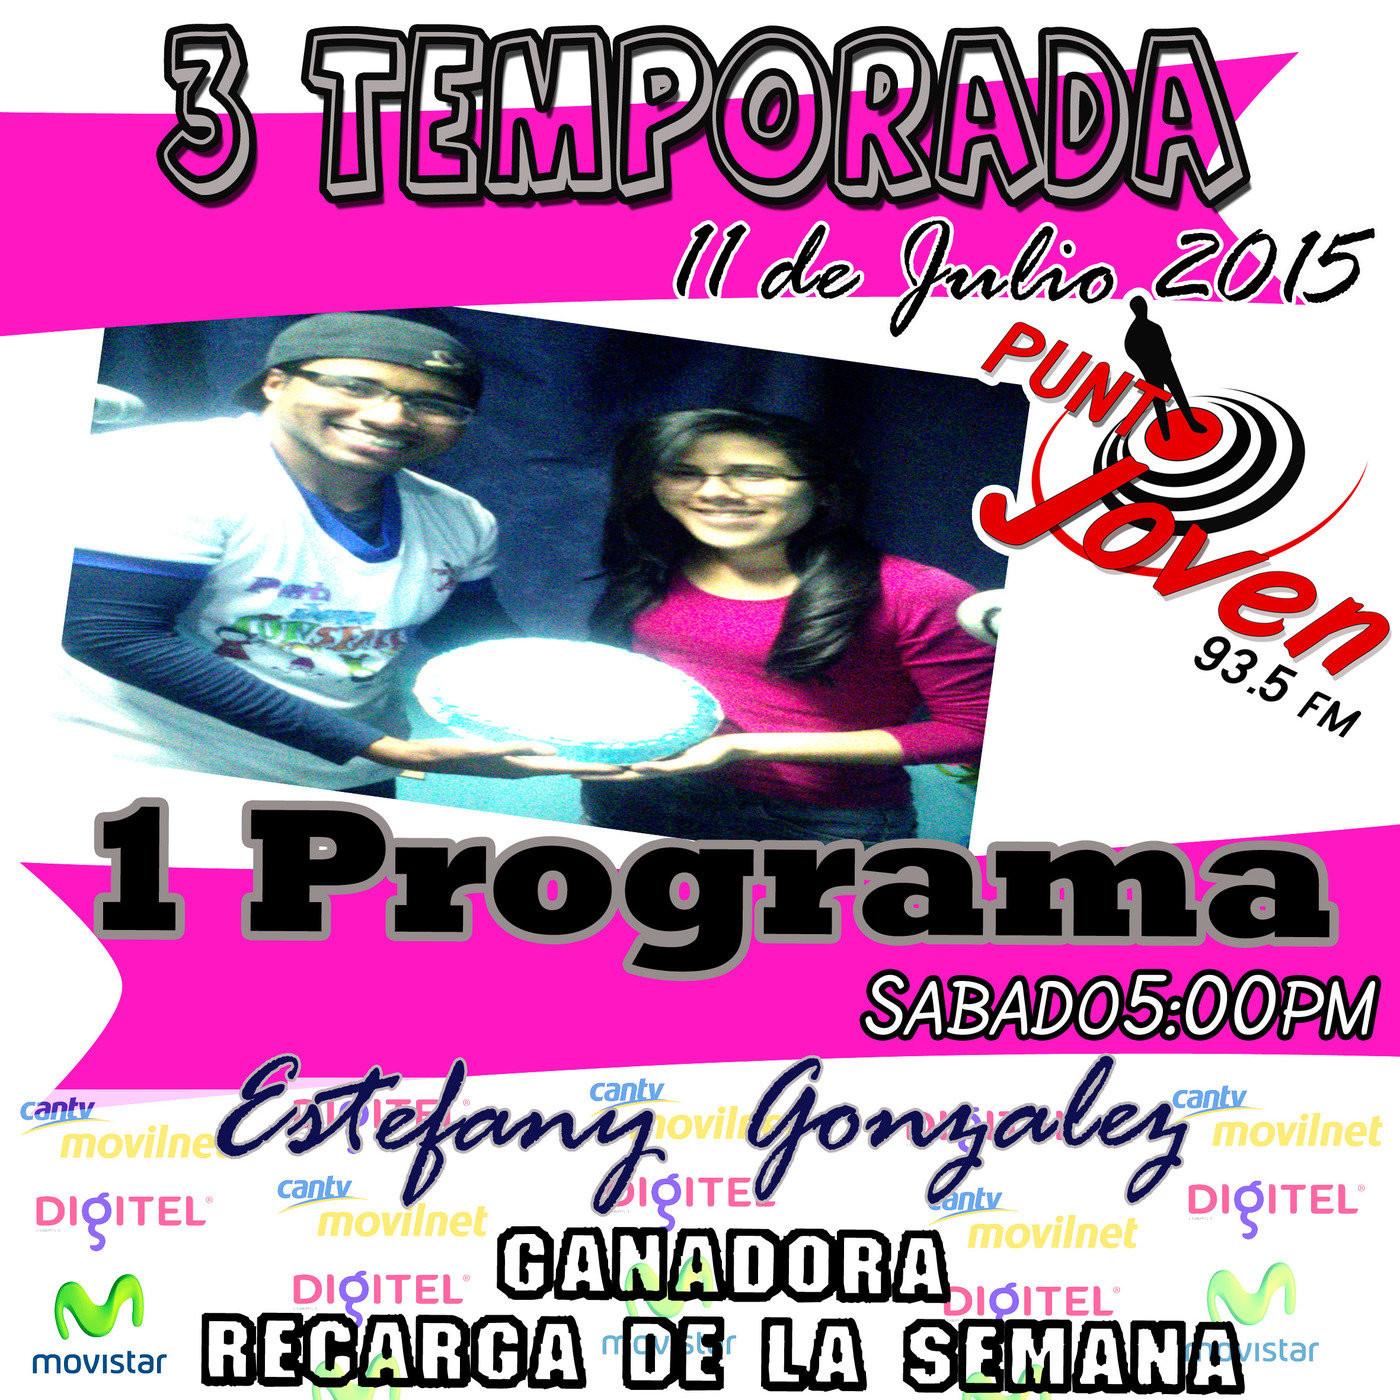 24 y 39 PROGRAMA en Podcast de Punto Joven Radio en mp3(29